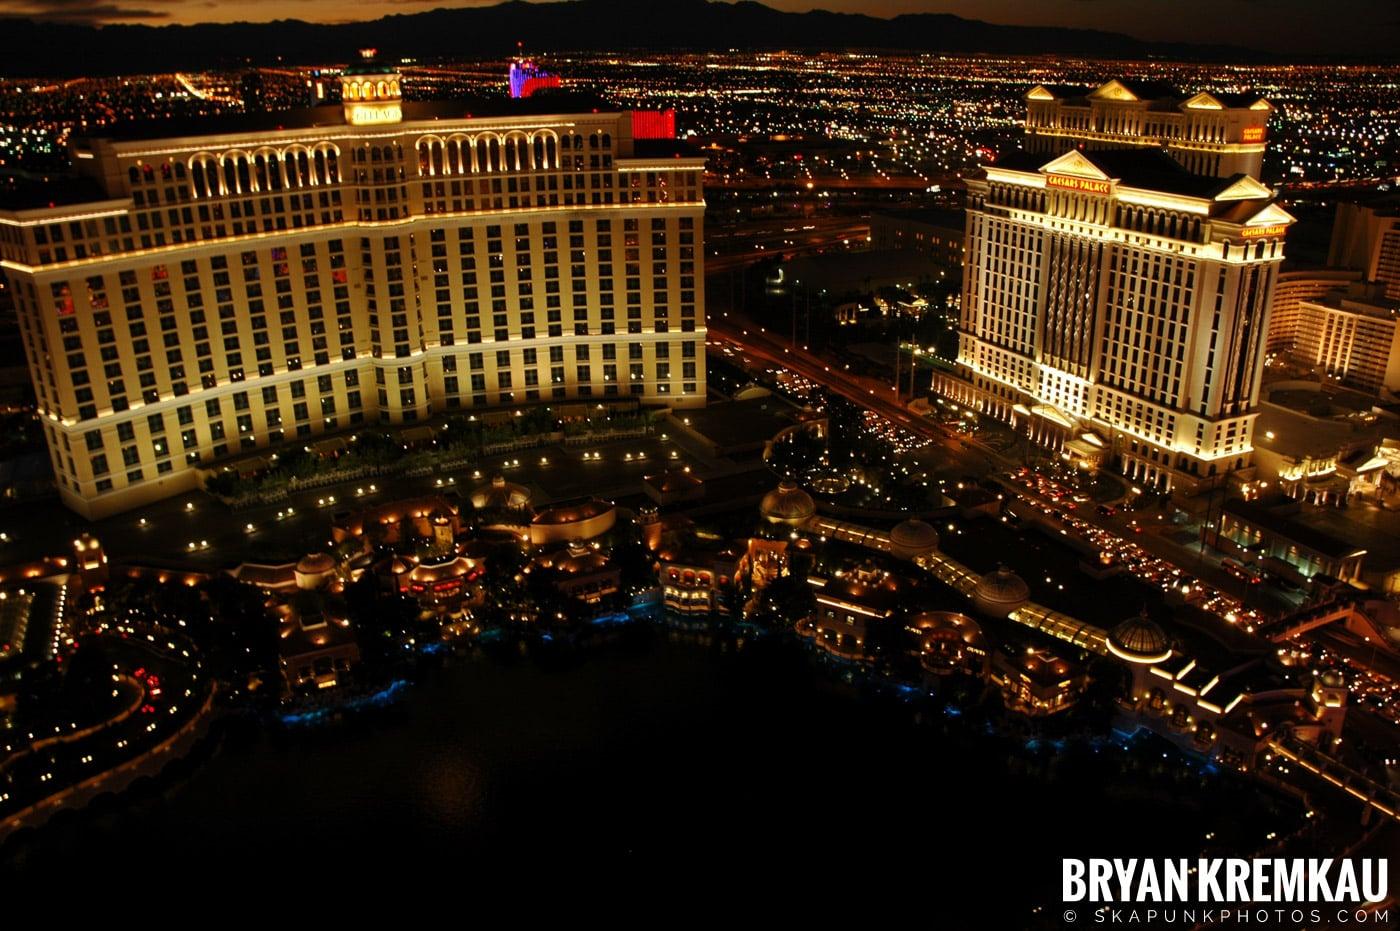 Las Vegas Vacation @ Las Vegas, NV - 10.21.05 - 10.23.05 (35)